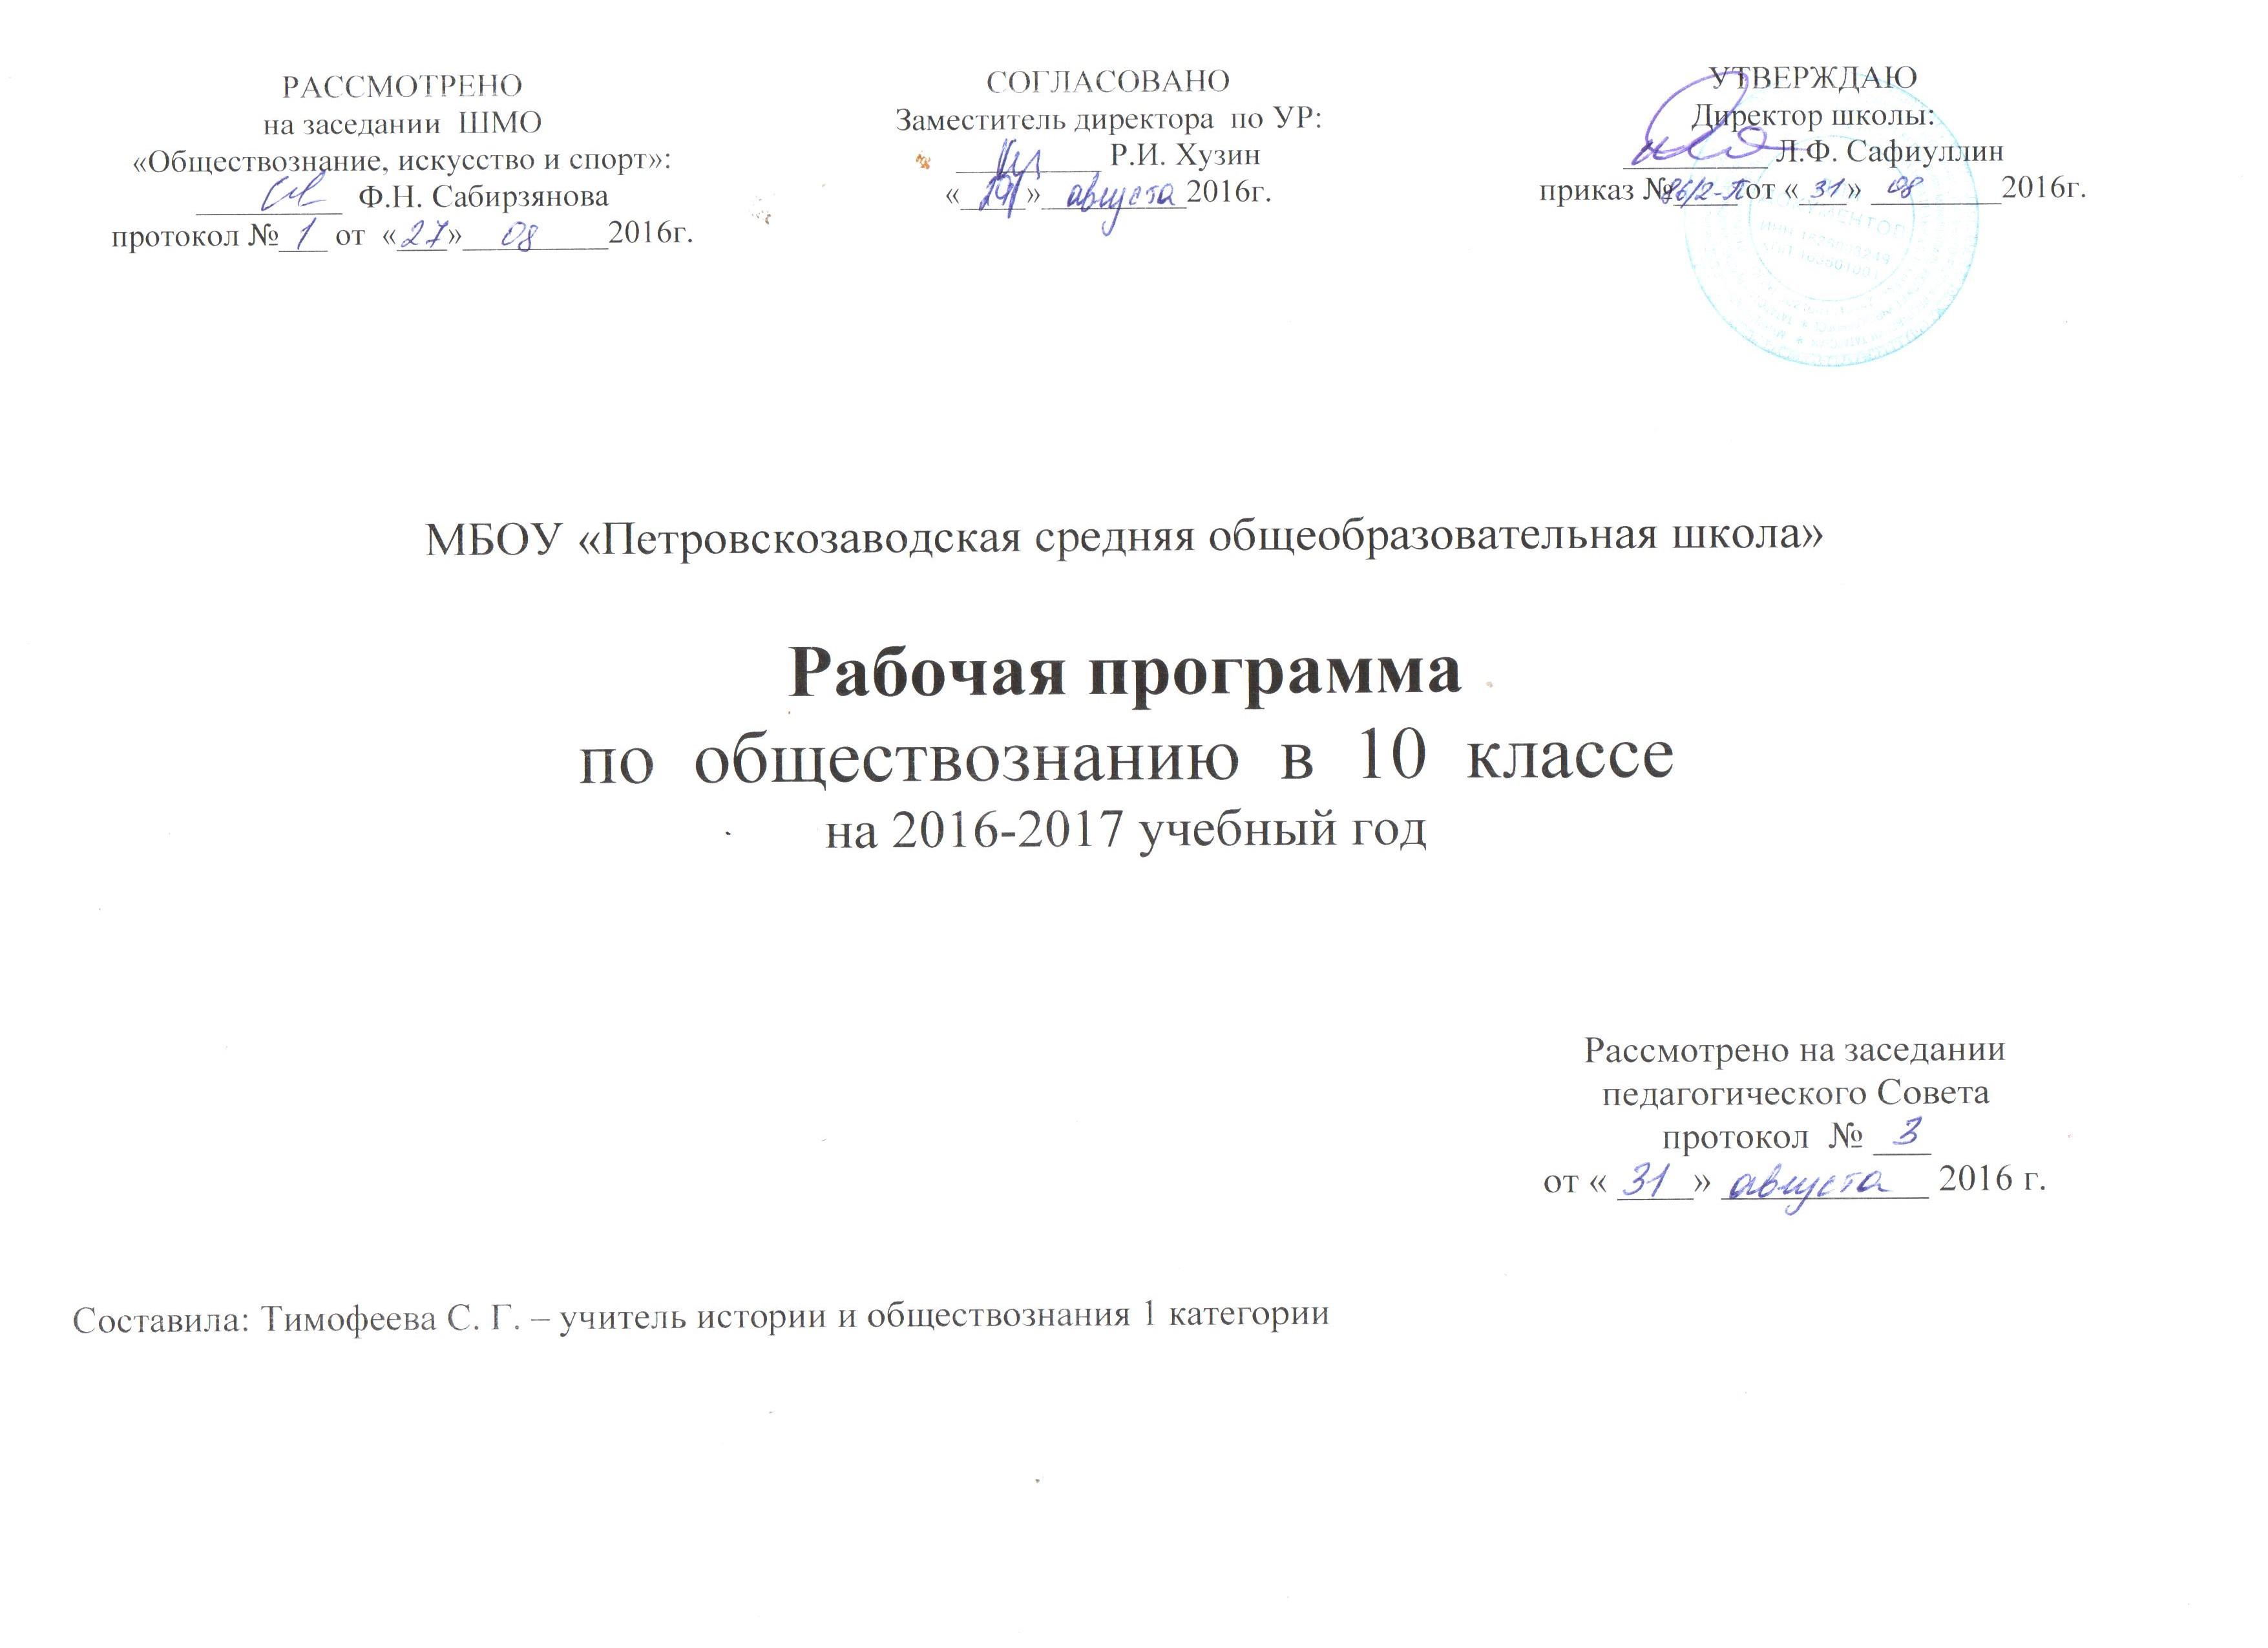 Конспект урока рыночное общество 10 класс кравченко